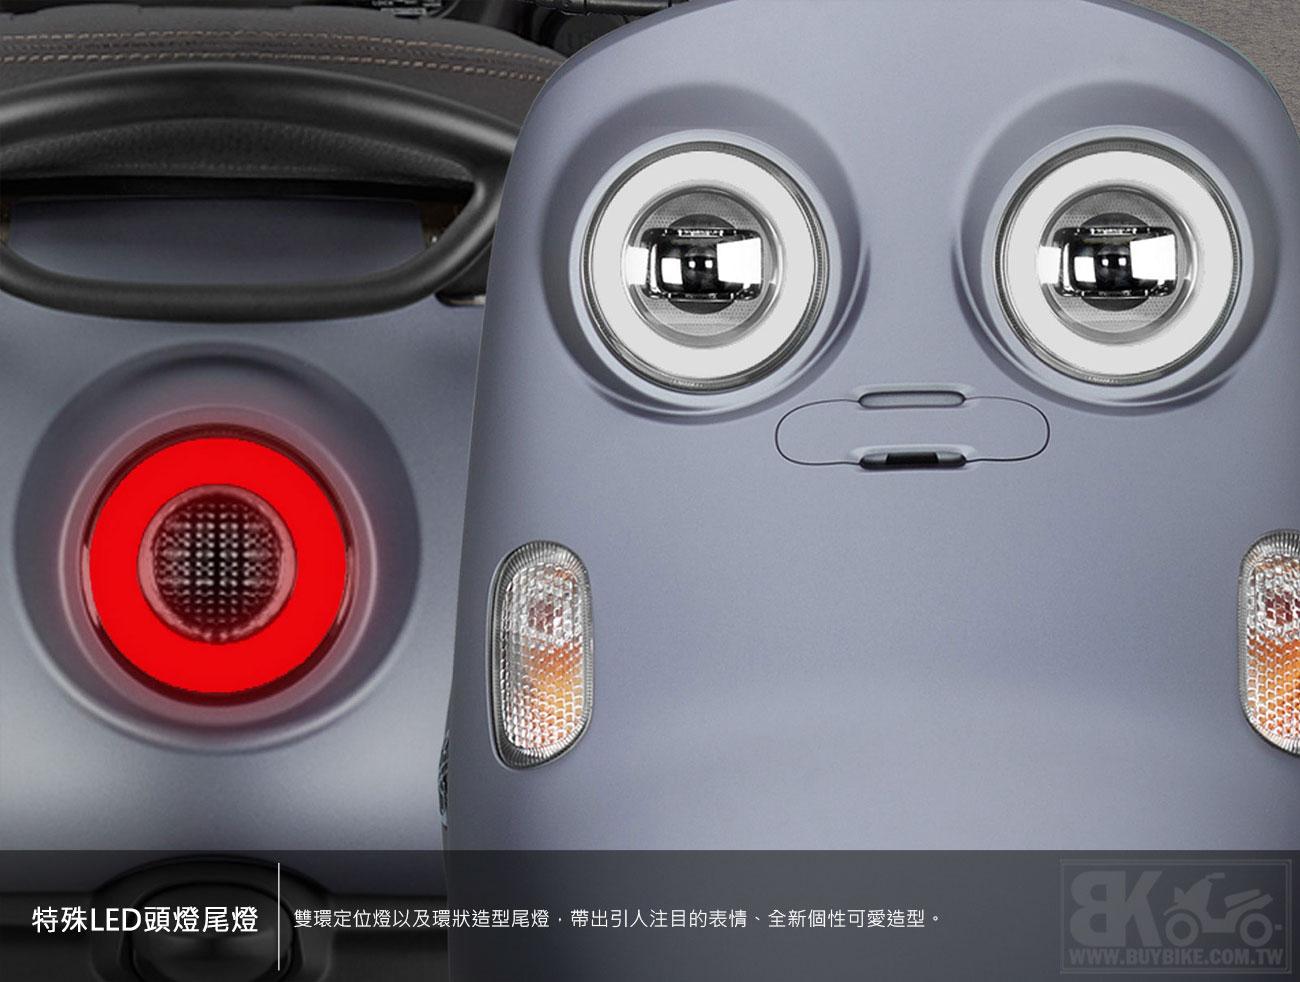 02.特殊LED頭燈尾燈